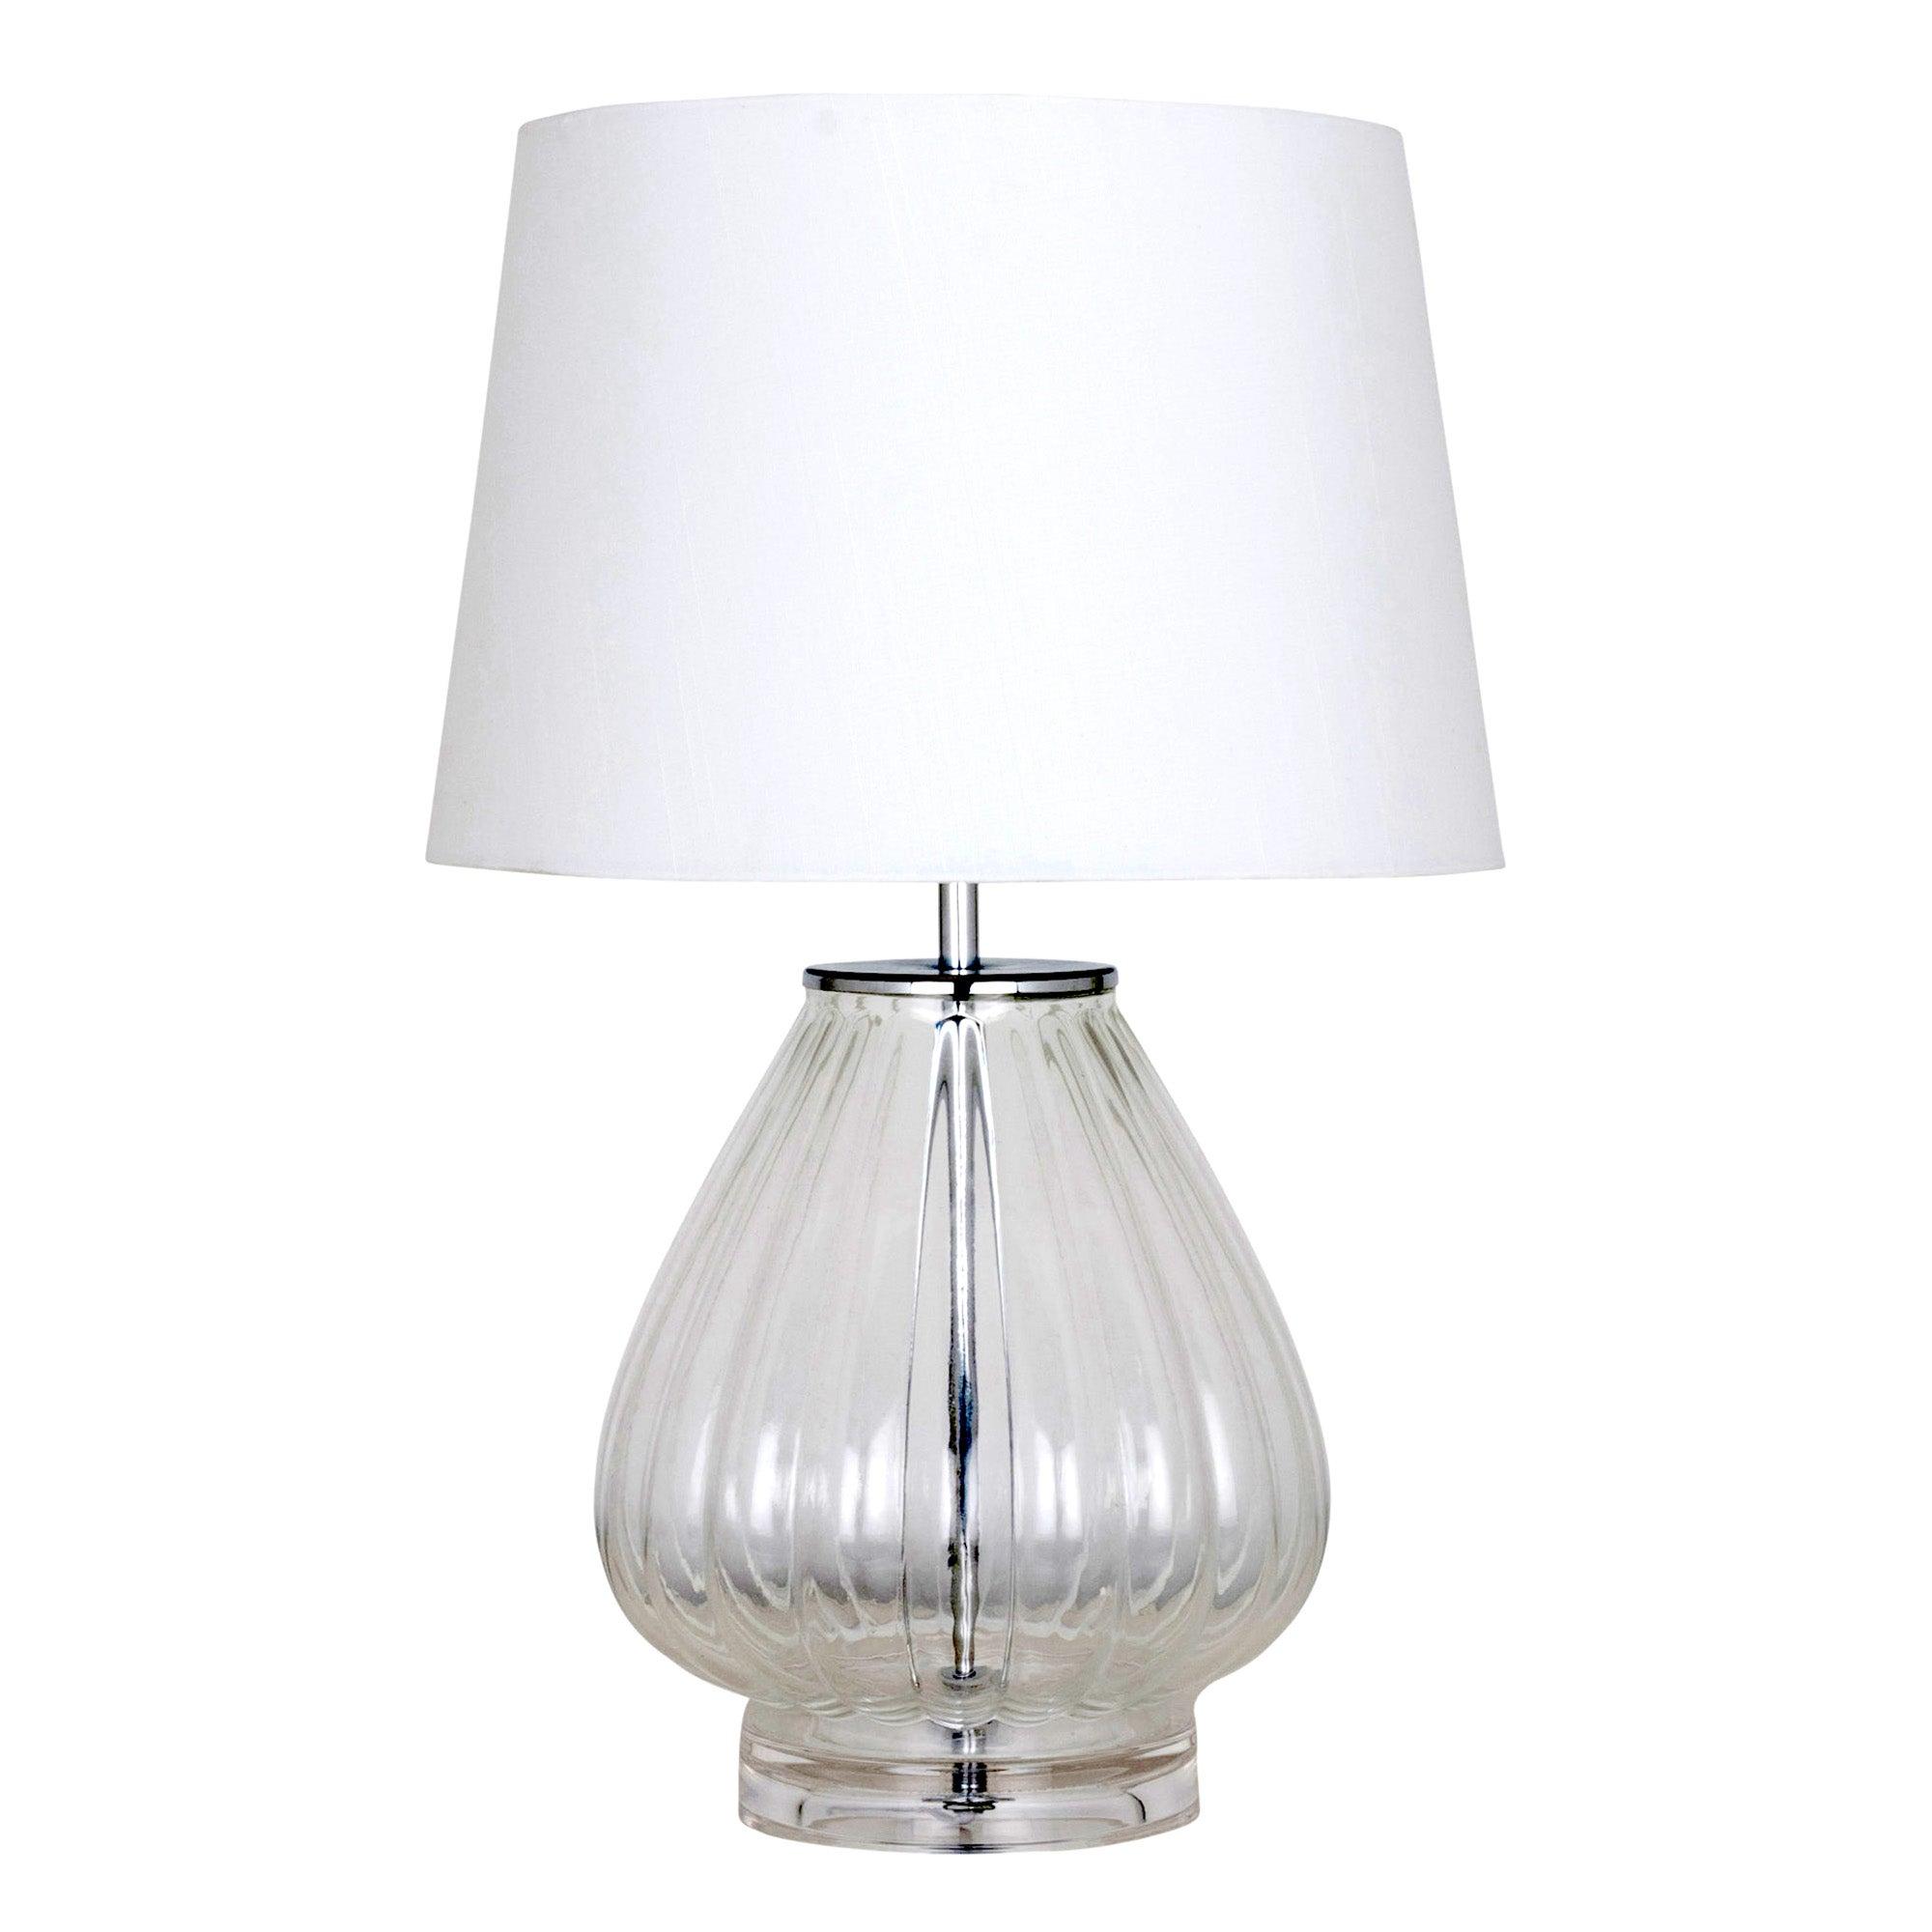 millie table lamp dunelm. Black Bedroom Furniture Sets. Home Design Ideas